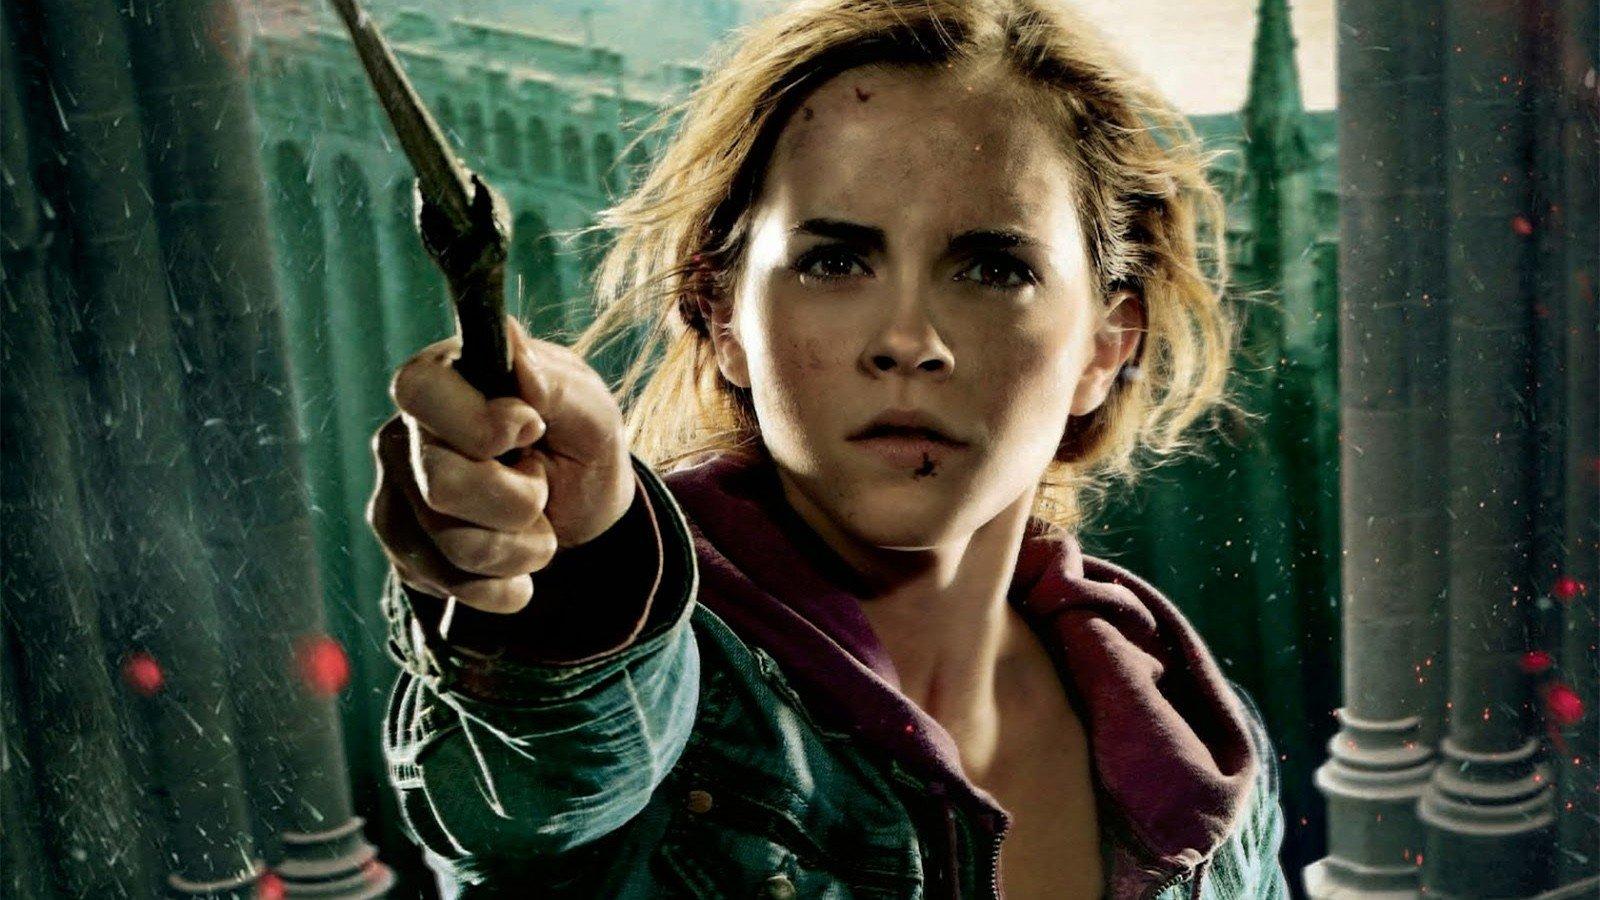 Harry Potter: Esta es la doble de Emma Watson que está triunfando con cosplays de Hermione